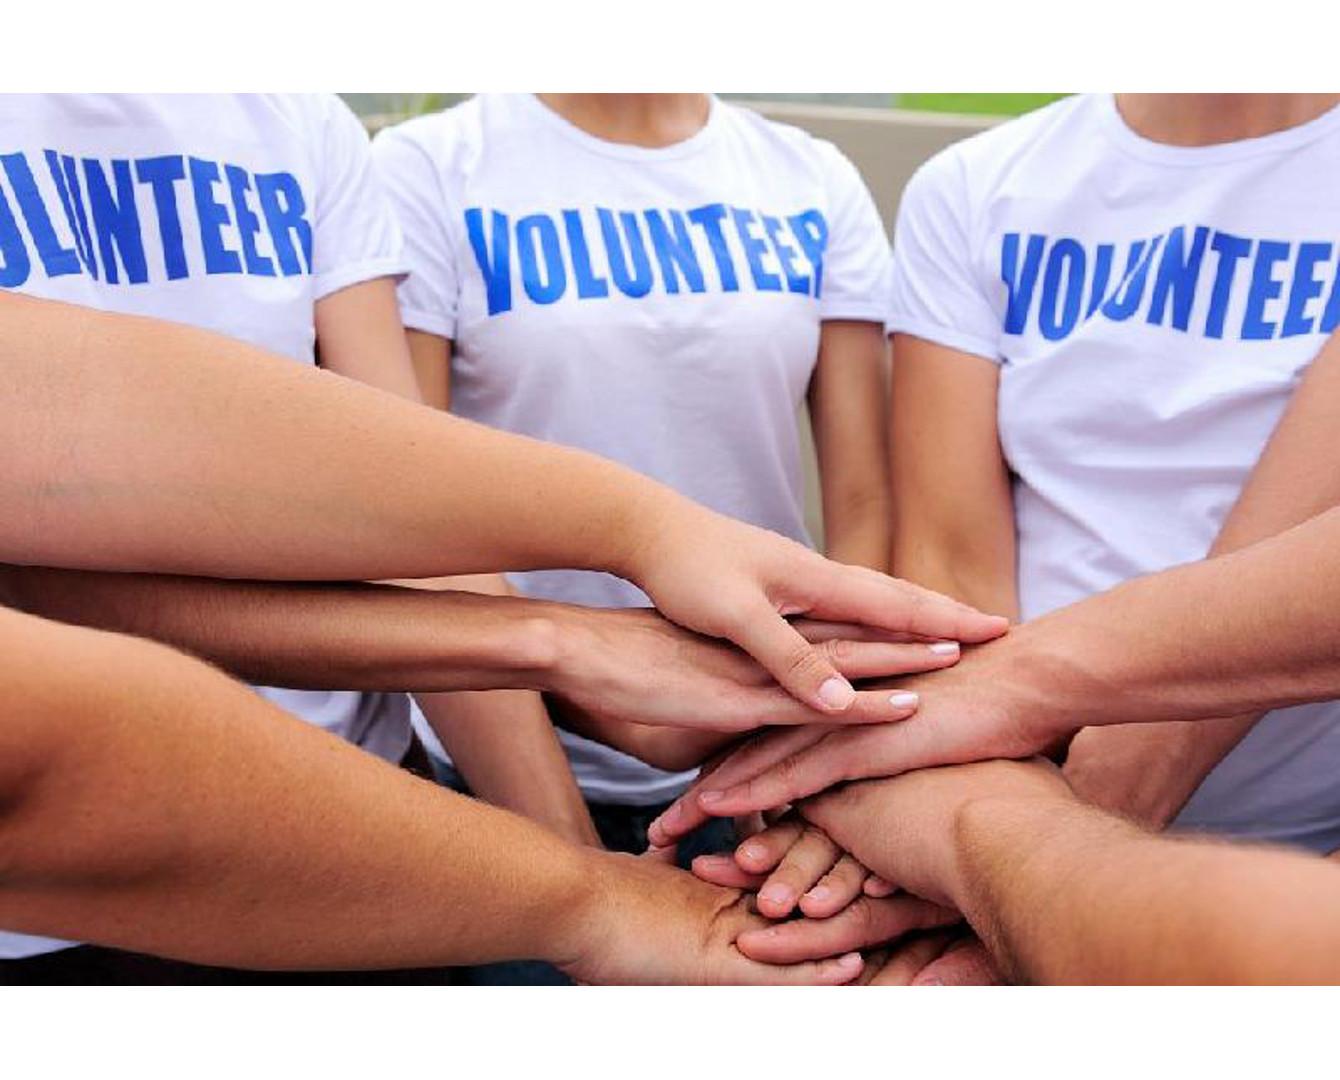 Айсулу Ерниязова: Среди молодежи волонтеров становится все больше